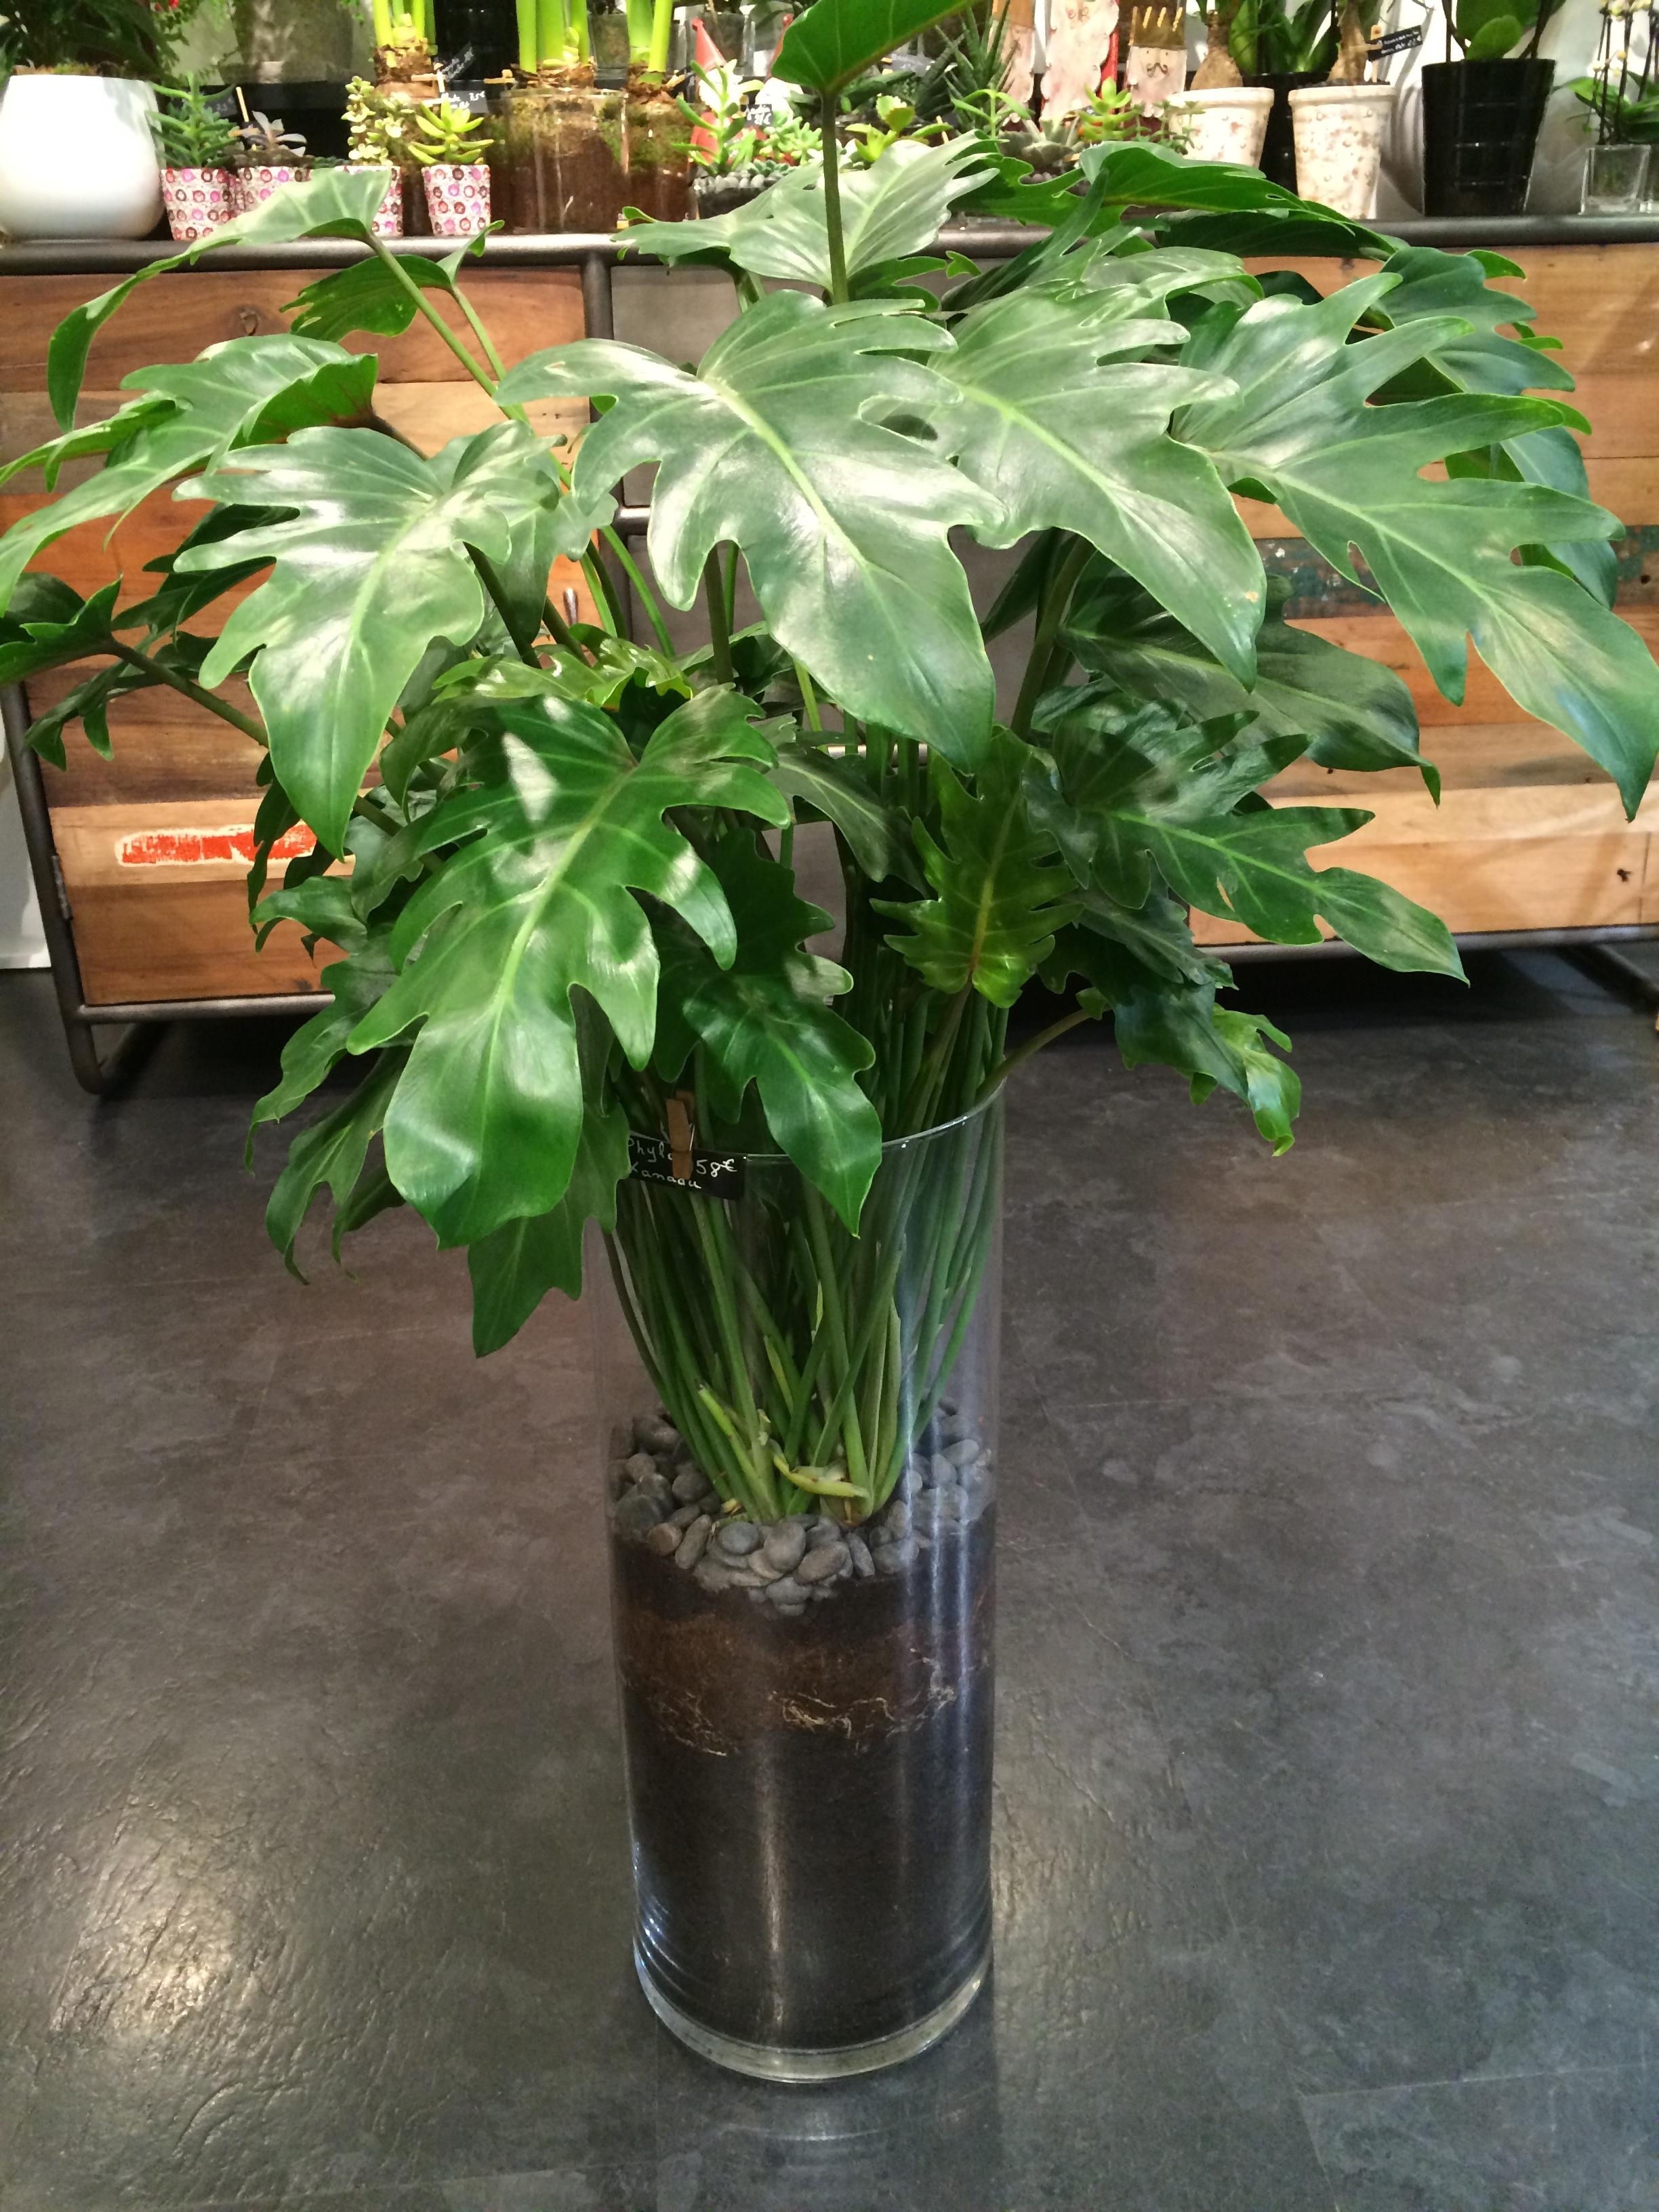 Arbre Fruitier En Pot Interieur plantes en pot d'intérieur : tentez l'originalité avec fleurodet